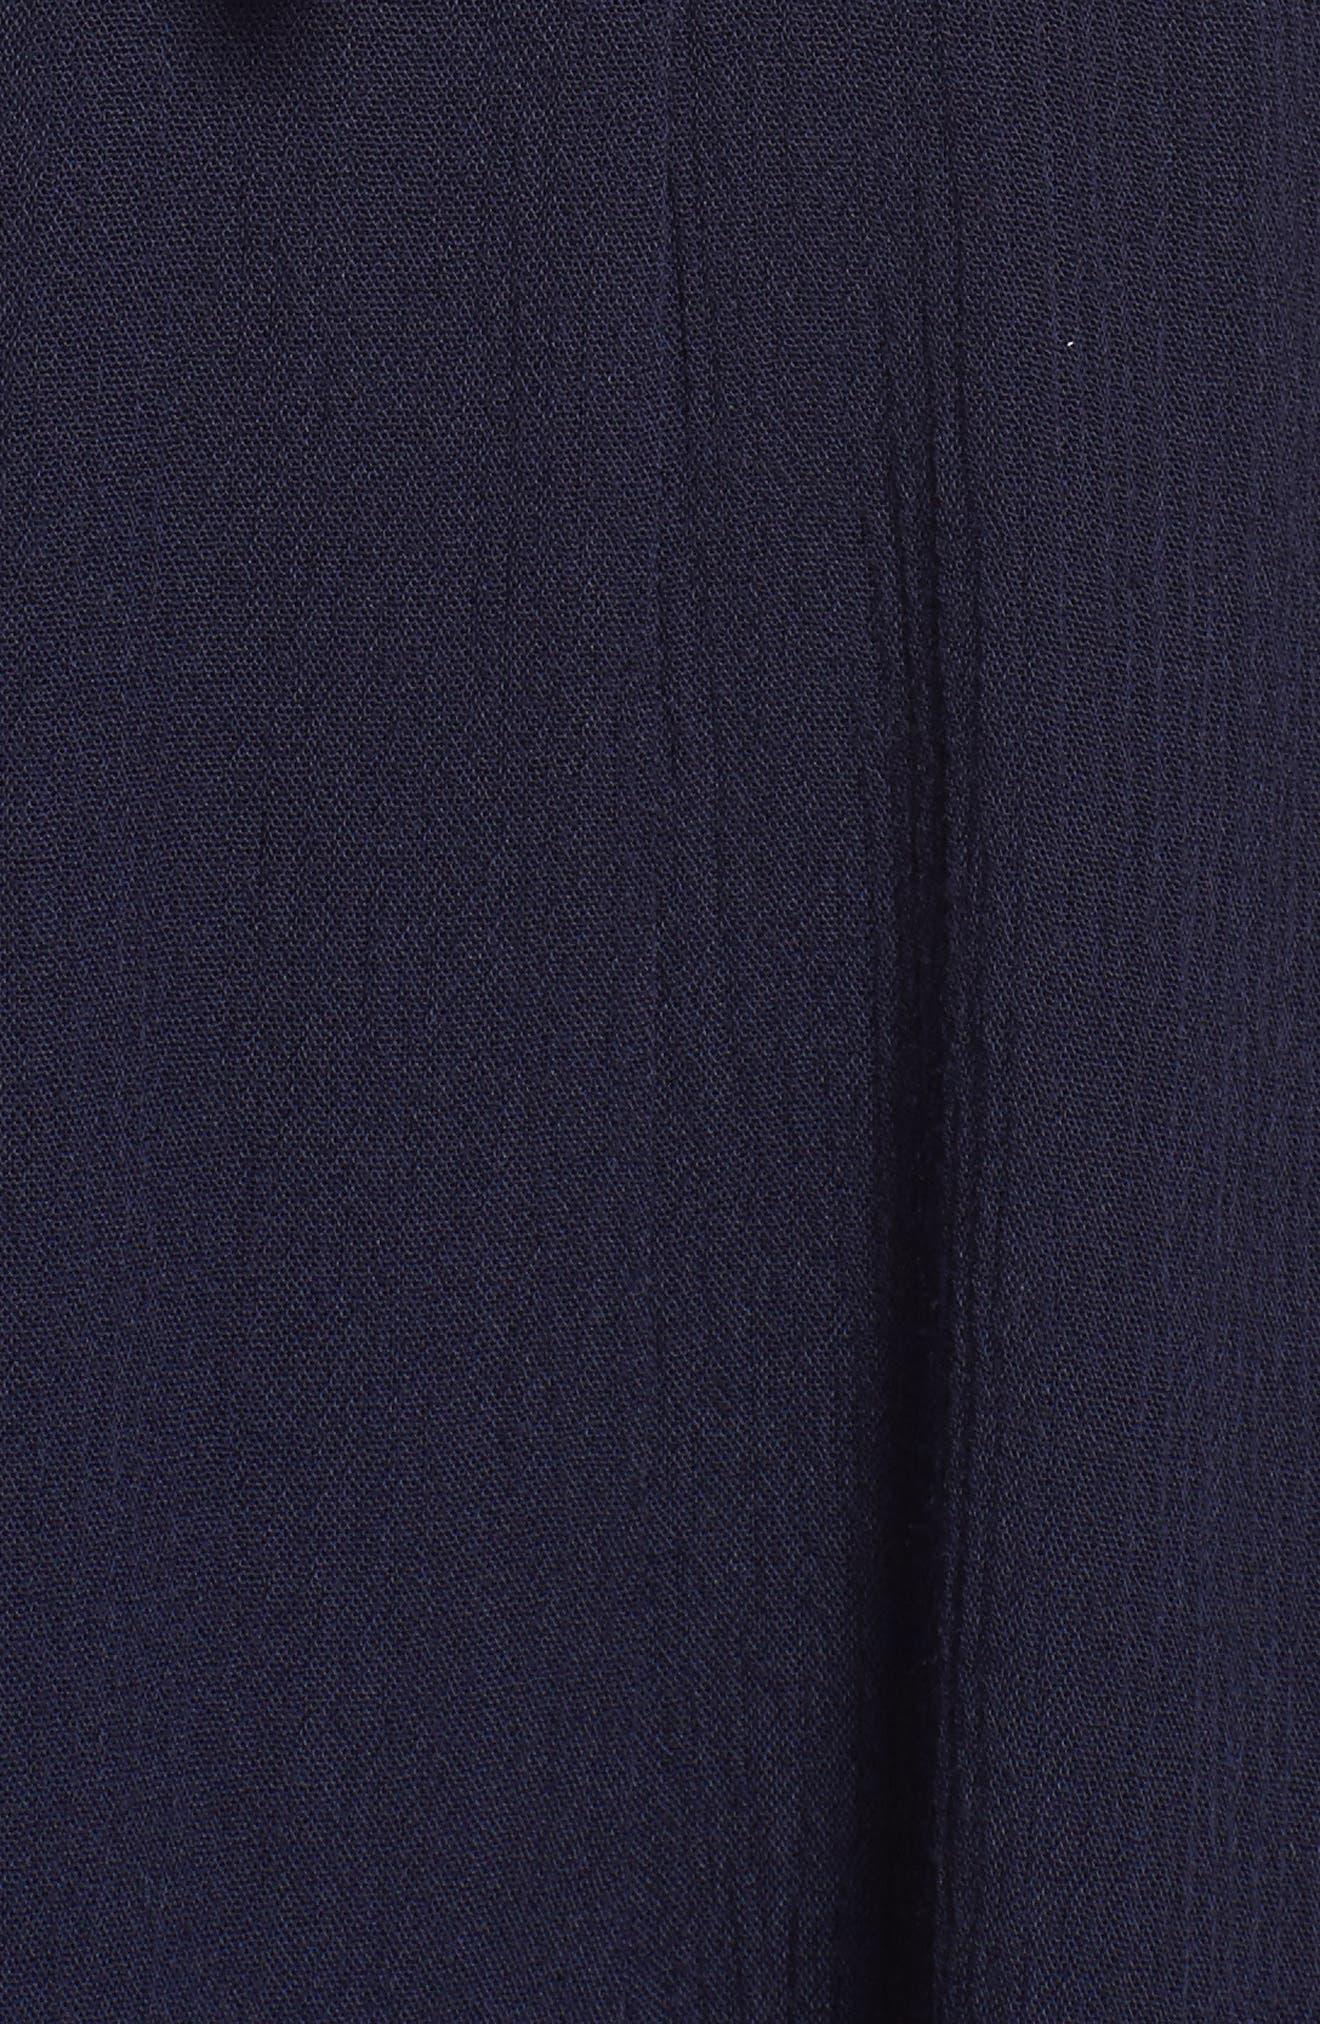 Bell Sleeve Romper,                             Alternate thumbnail 5, color,                             410